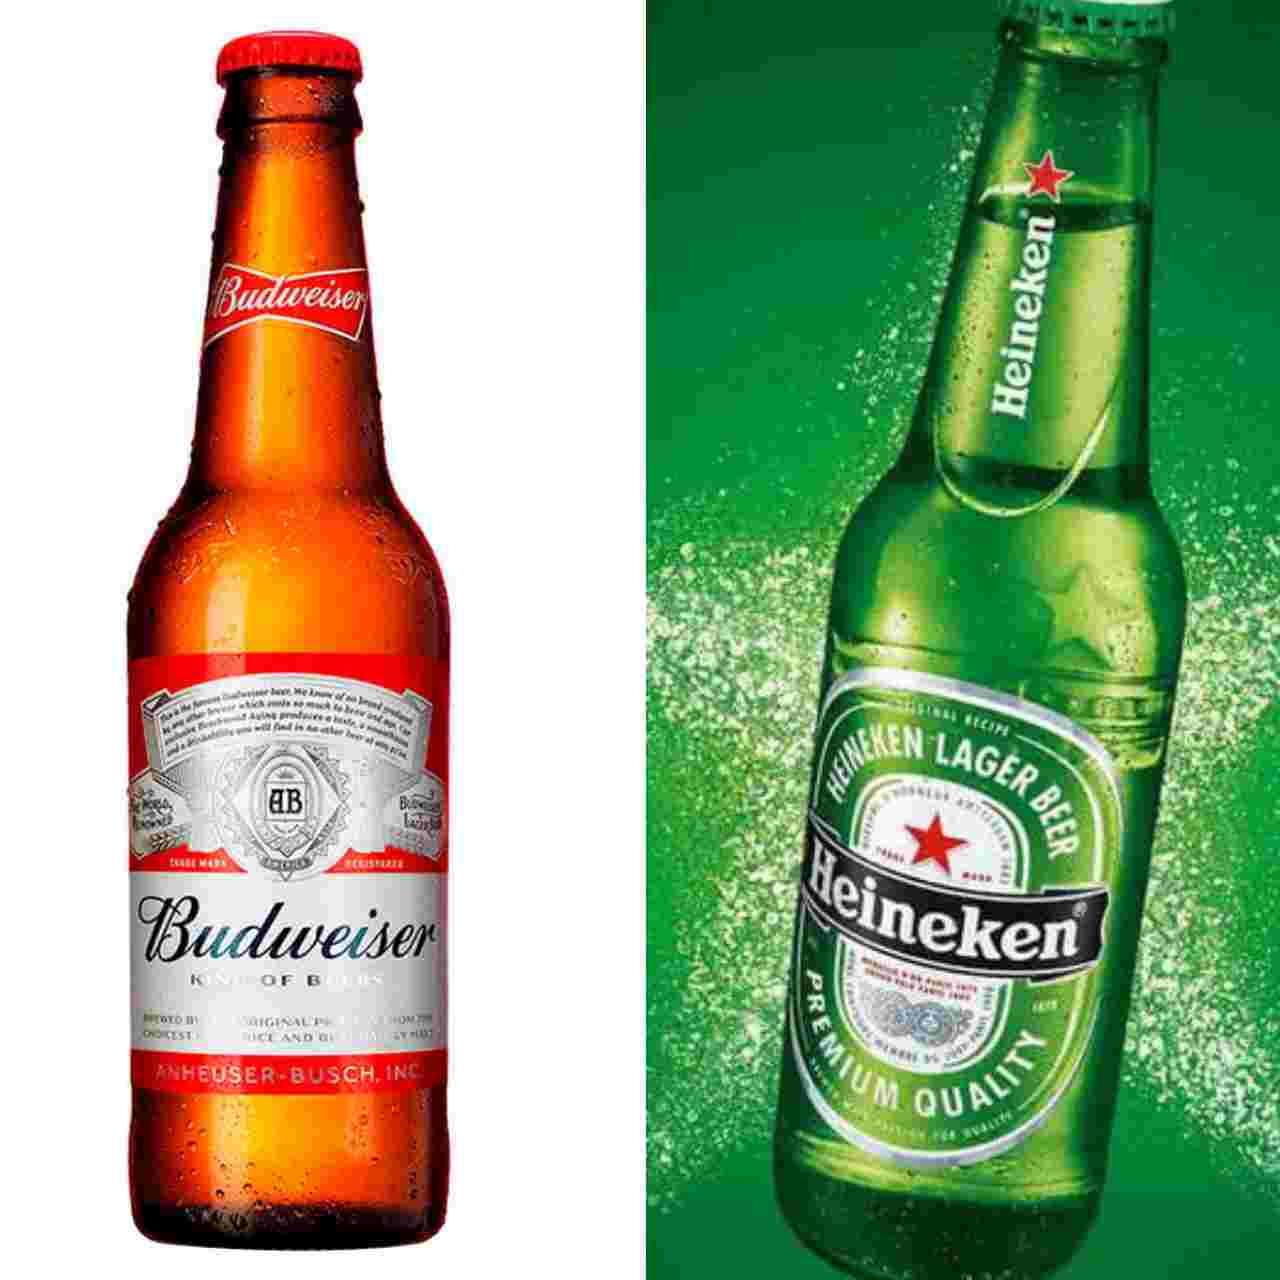 Cerveja falsificada é problema para butequeiros e amantes da arte | Foto: Reprodução